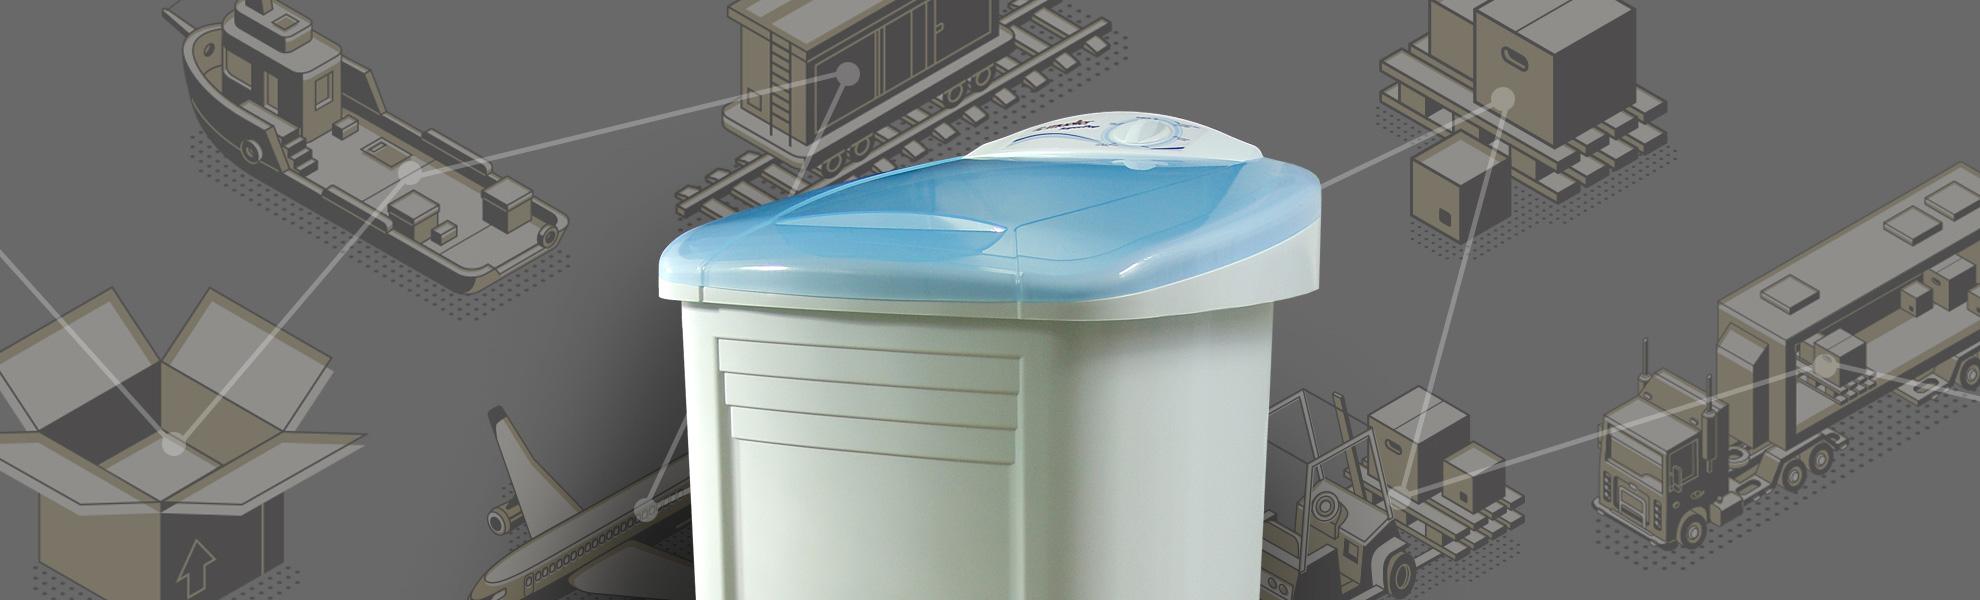 chelles-e-hayashi-design-portfolio-mueller-lavadora-superpop-produto-estrutural